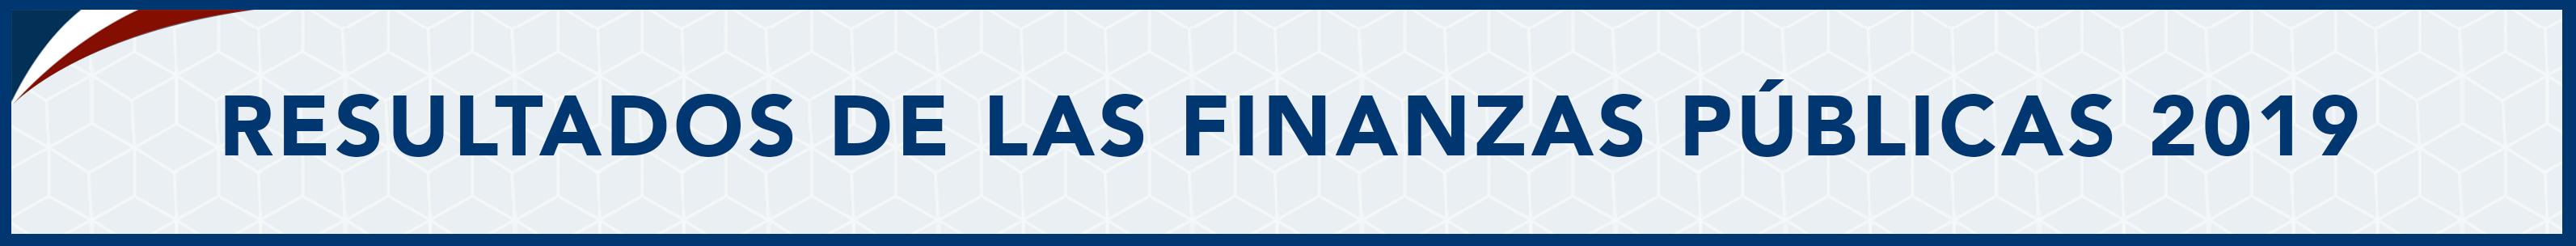 banner presentacion de resultados de las finanzas publicas 2019